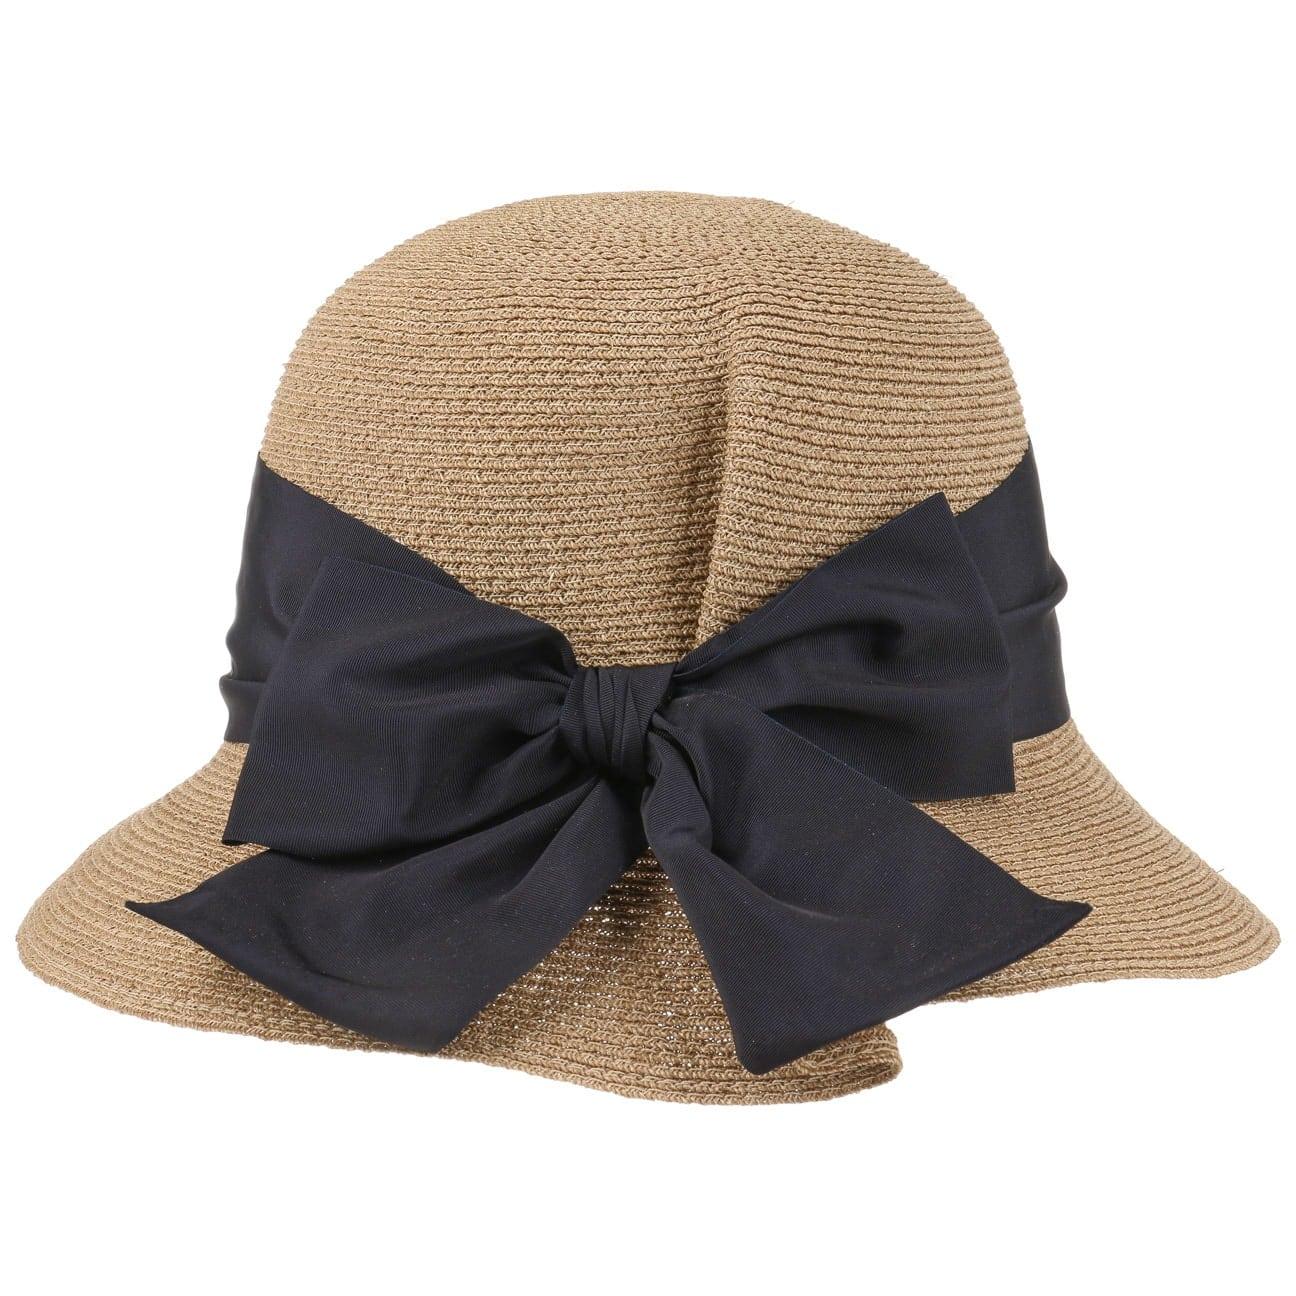 Sombrero de Mujer Abac? con Lazo by GREVI  sombrero de verano